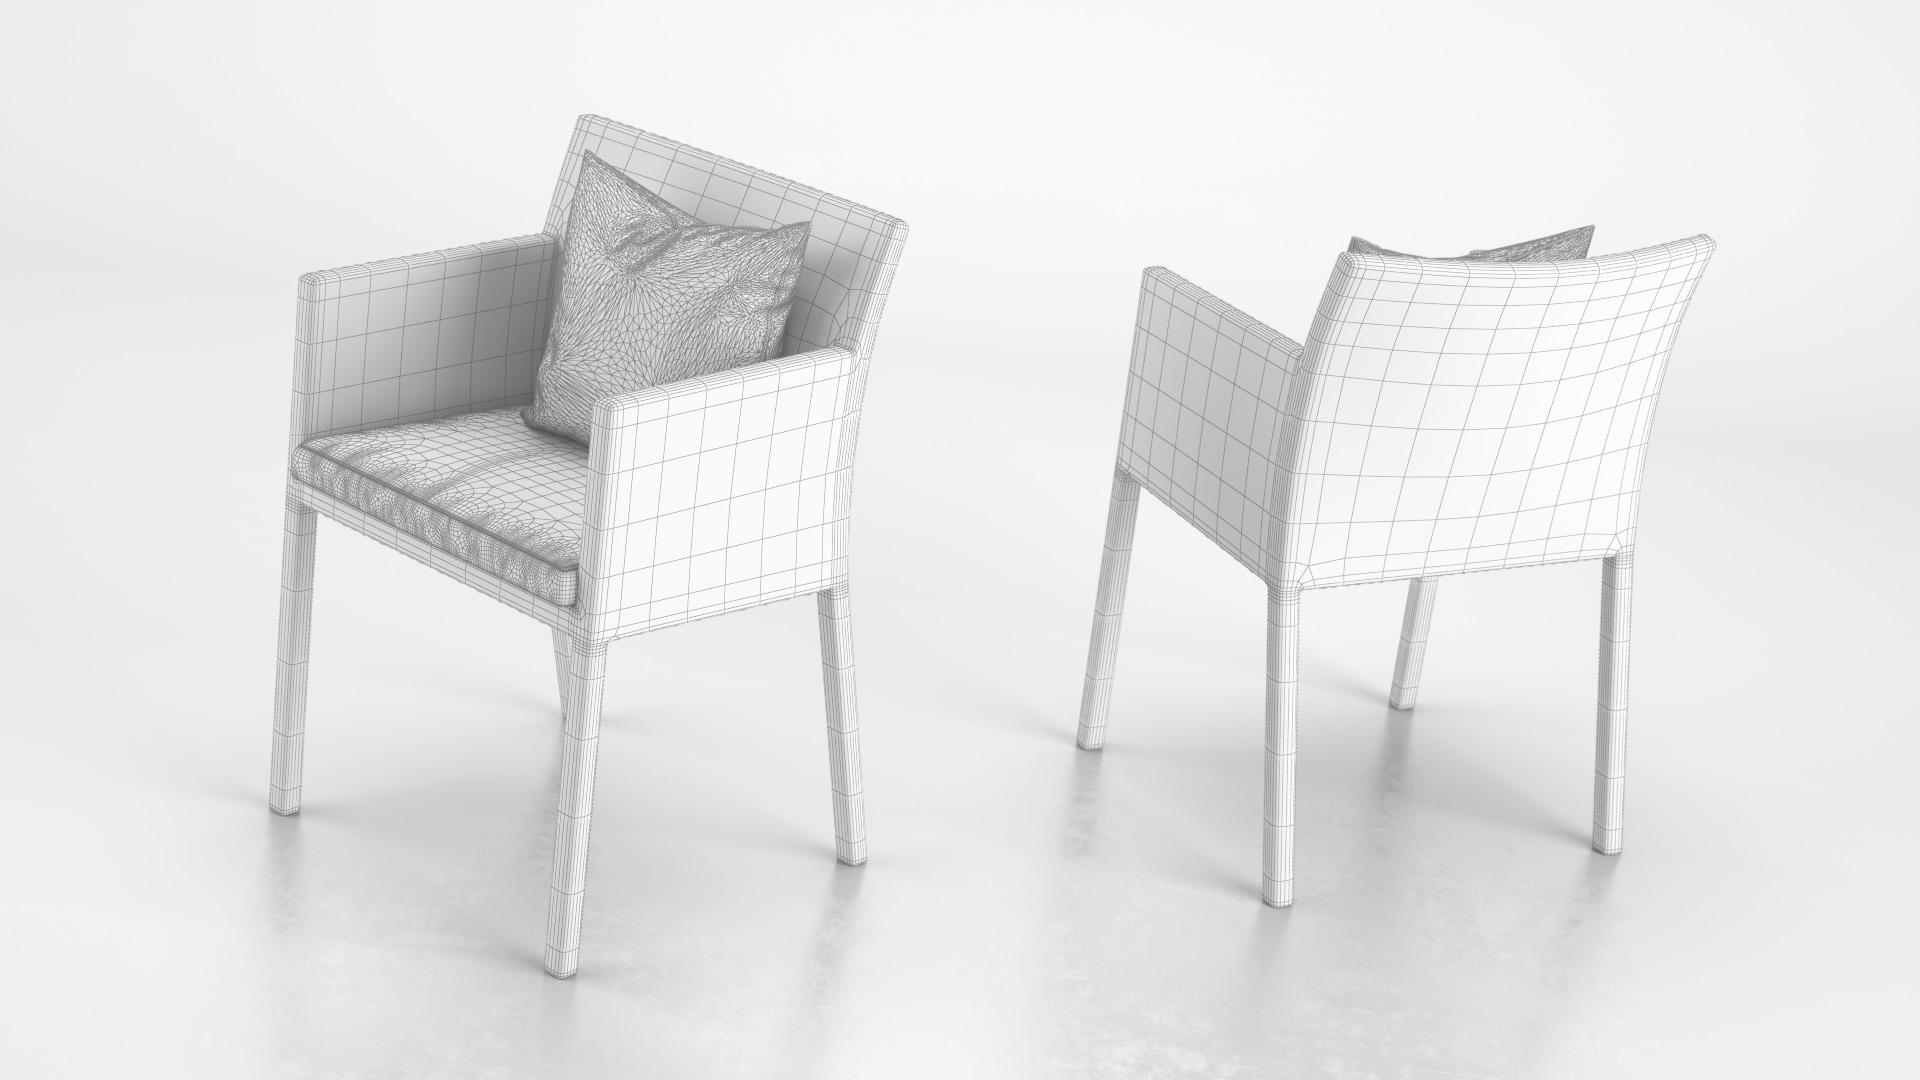 Tribu_Versus_Chair_WhiteSet_01_wire_0003